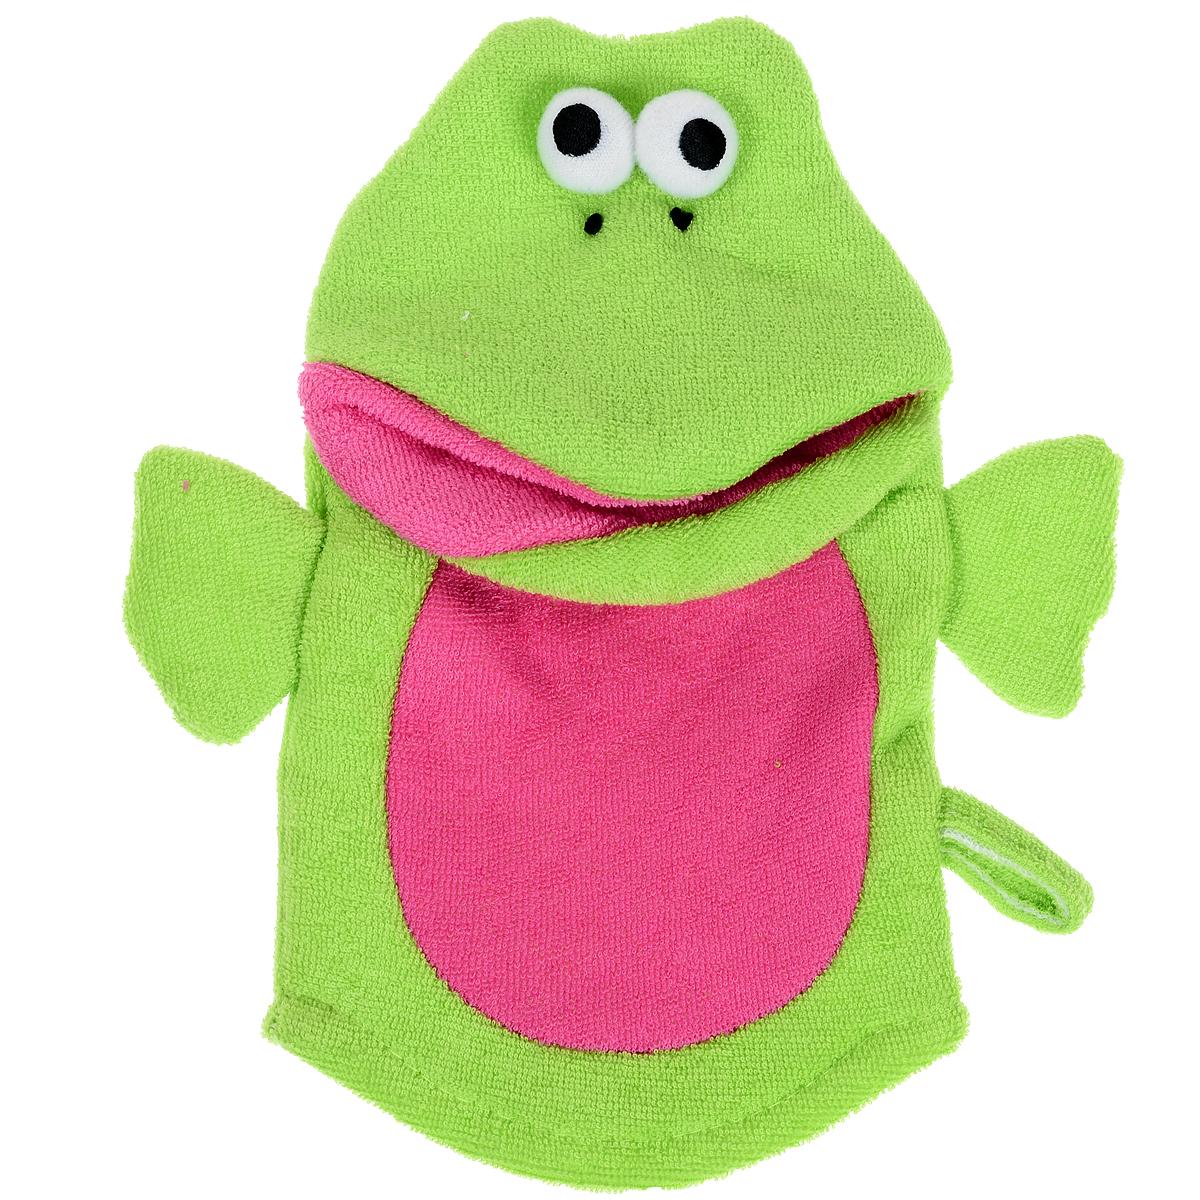 Варежка-мочалка детская Лягушка, цвет: зеленый, красный5010777139655Мочалка для детей Лягушка выполнена в виде варежке с забавной лягушкой, которая надевается на руку. Нежная и мягкая варежка из специального материала создана для купания самых маленьких. Мягкая ткань нежно массирует, удаляя загрязнения, оставляя кожу малыша чистой. Через ткань малыш чувствует руку мамы. Варежка непременно привлечет внимание крохи и станет прекрасным поводом помыться самостоятельно, когда ваш ребенок подрастет.